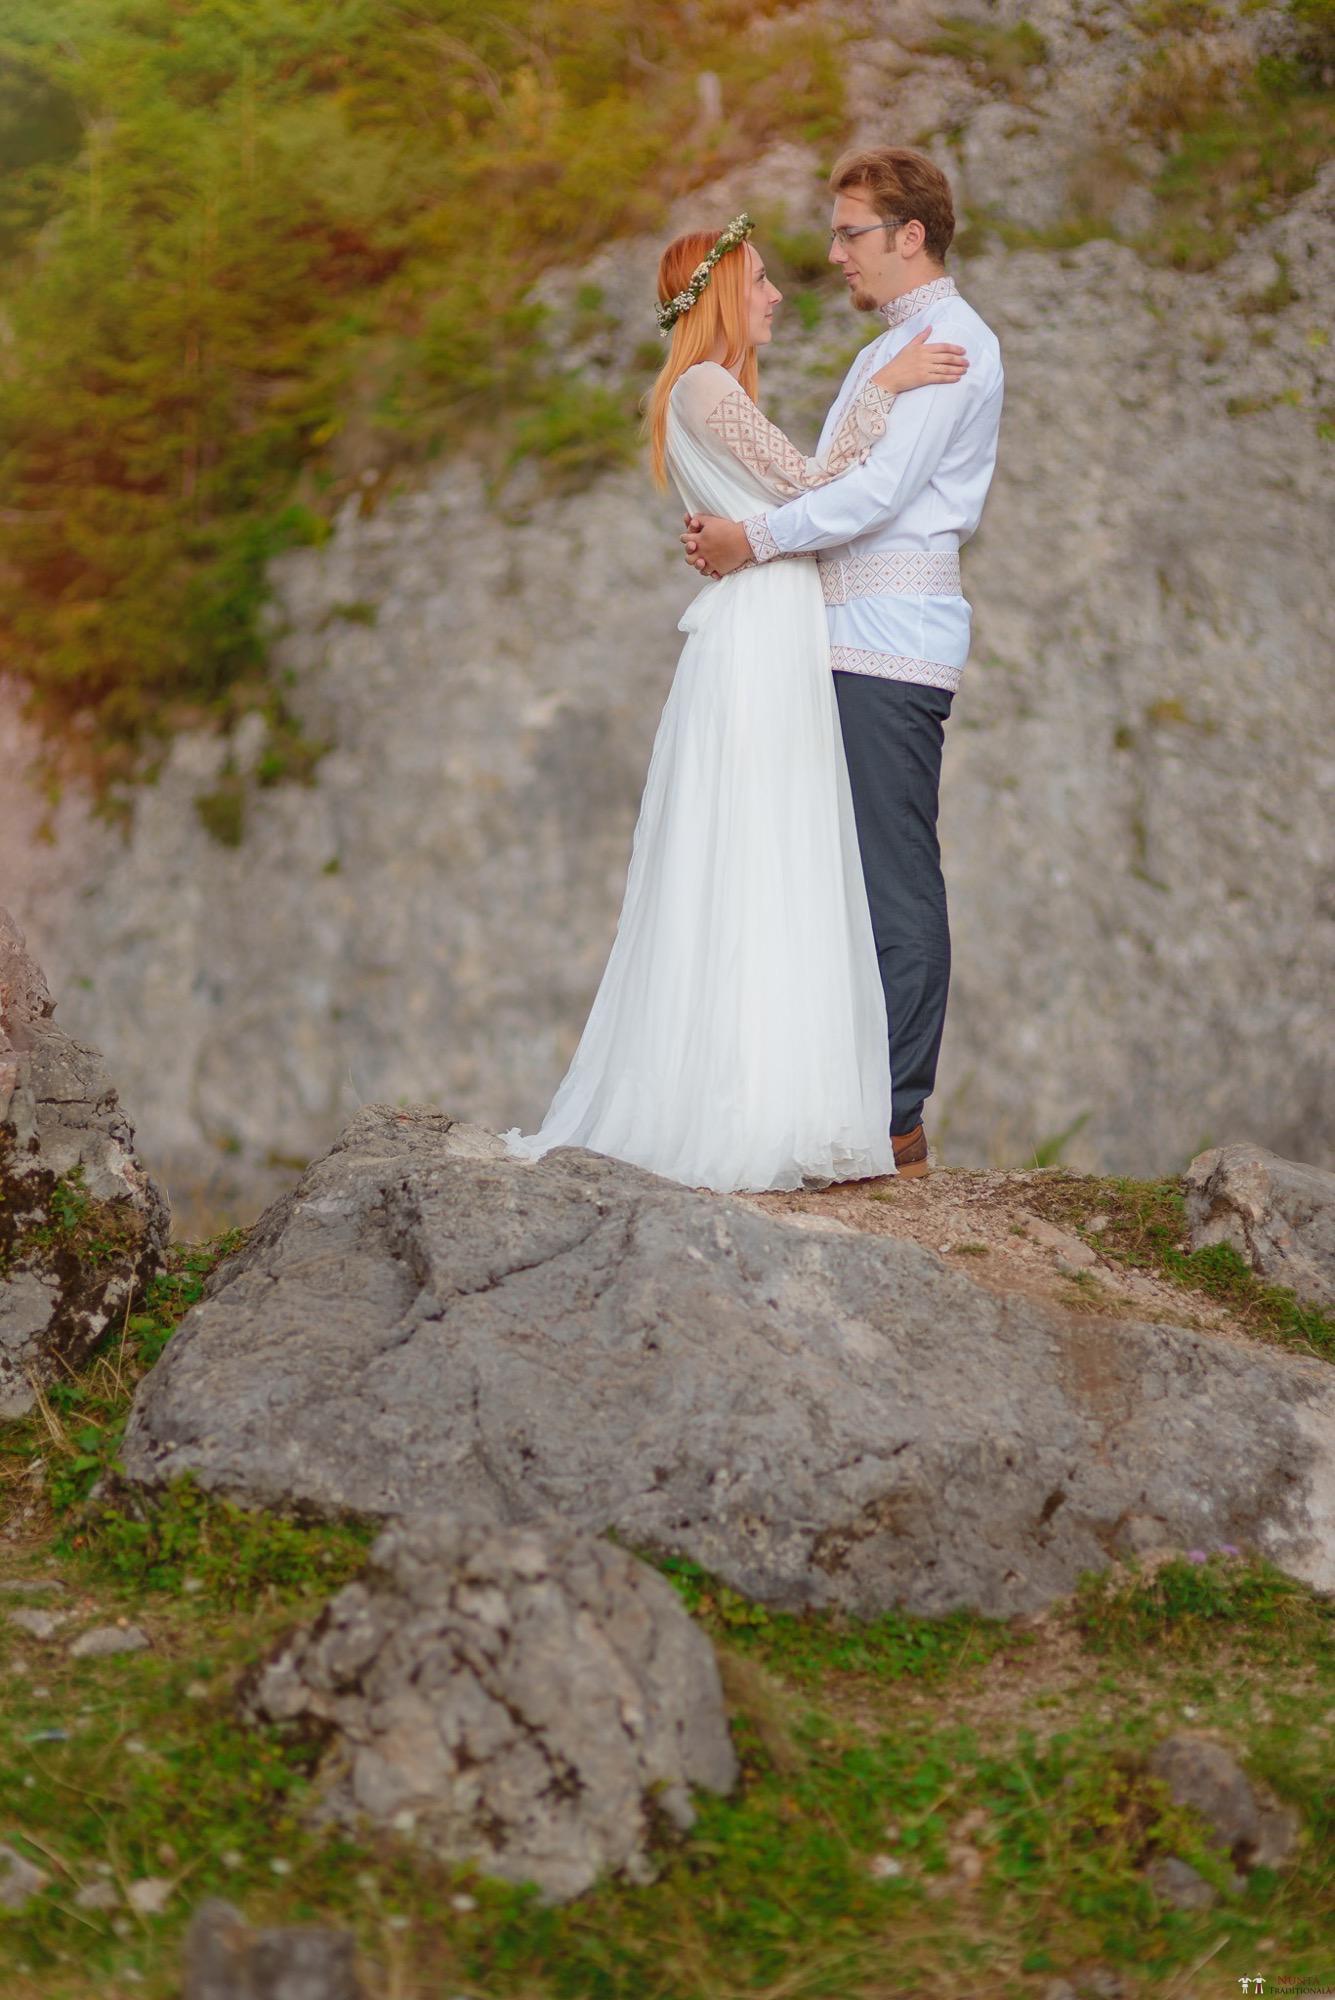 Povești Nunți Tradiționale - Aurelian și Sonia. Nuntă tradițională în Câmpulung Moldovenesc 20